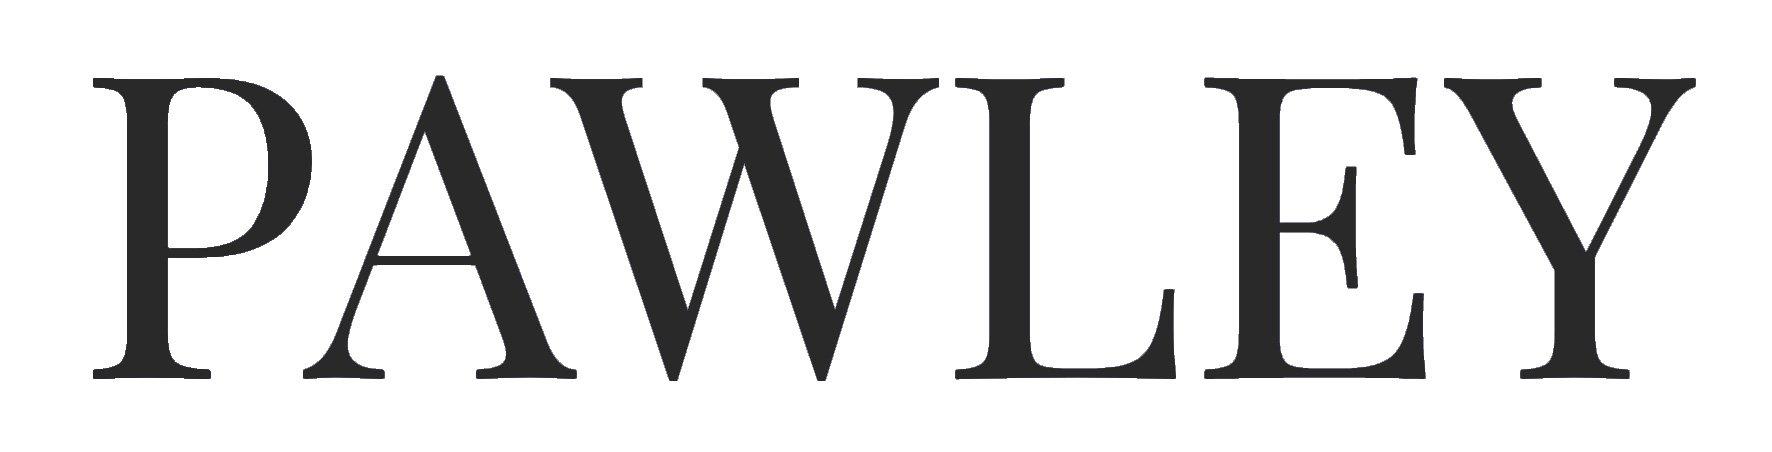 Pawley law logo